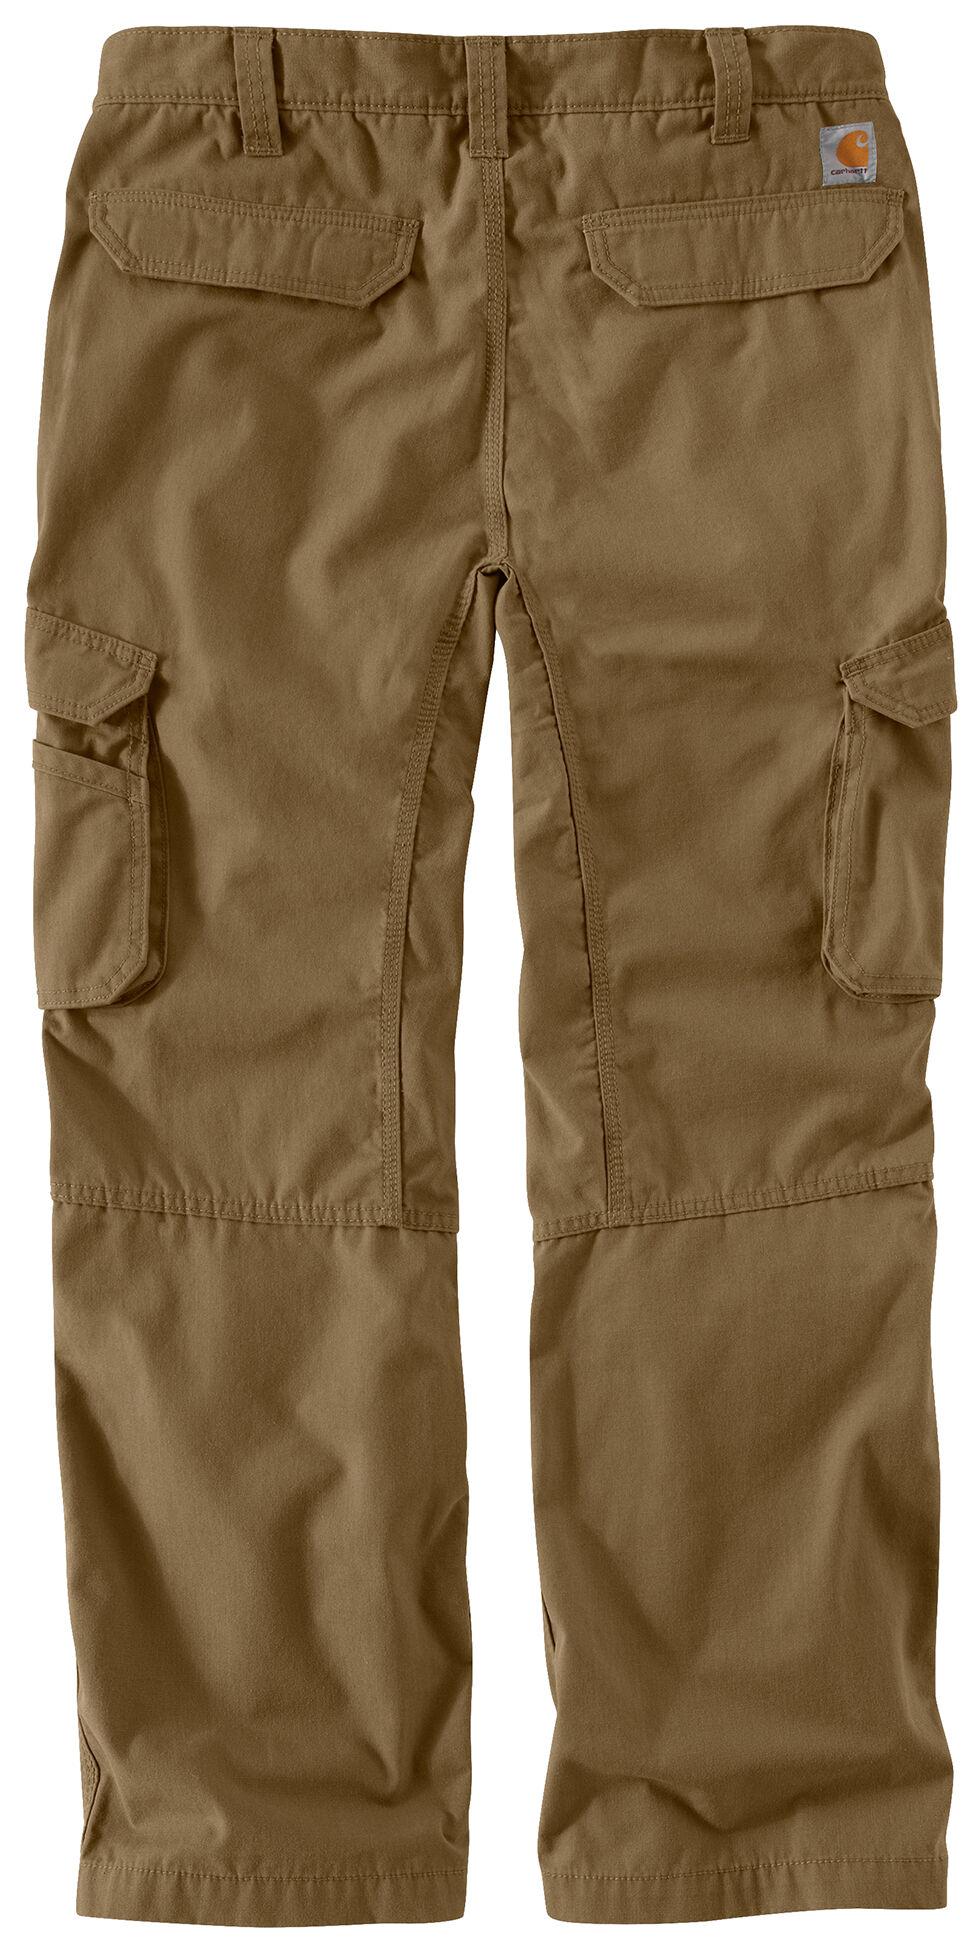 Carhartt Force Tappan Cargo Pants, Brown, hi-res